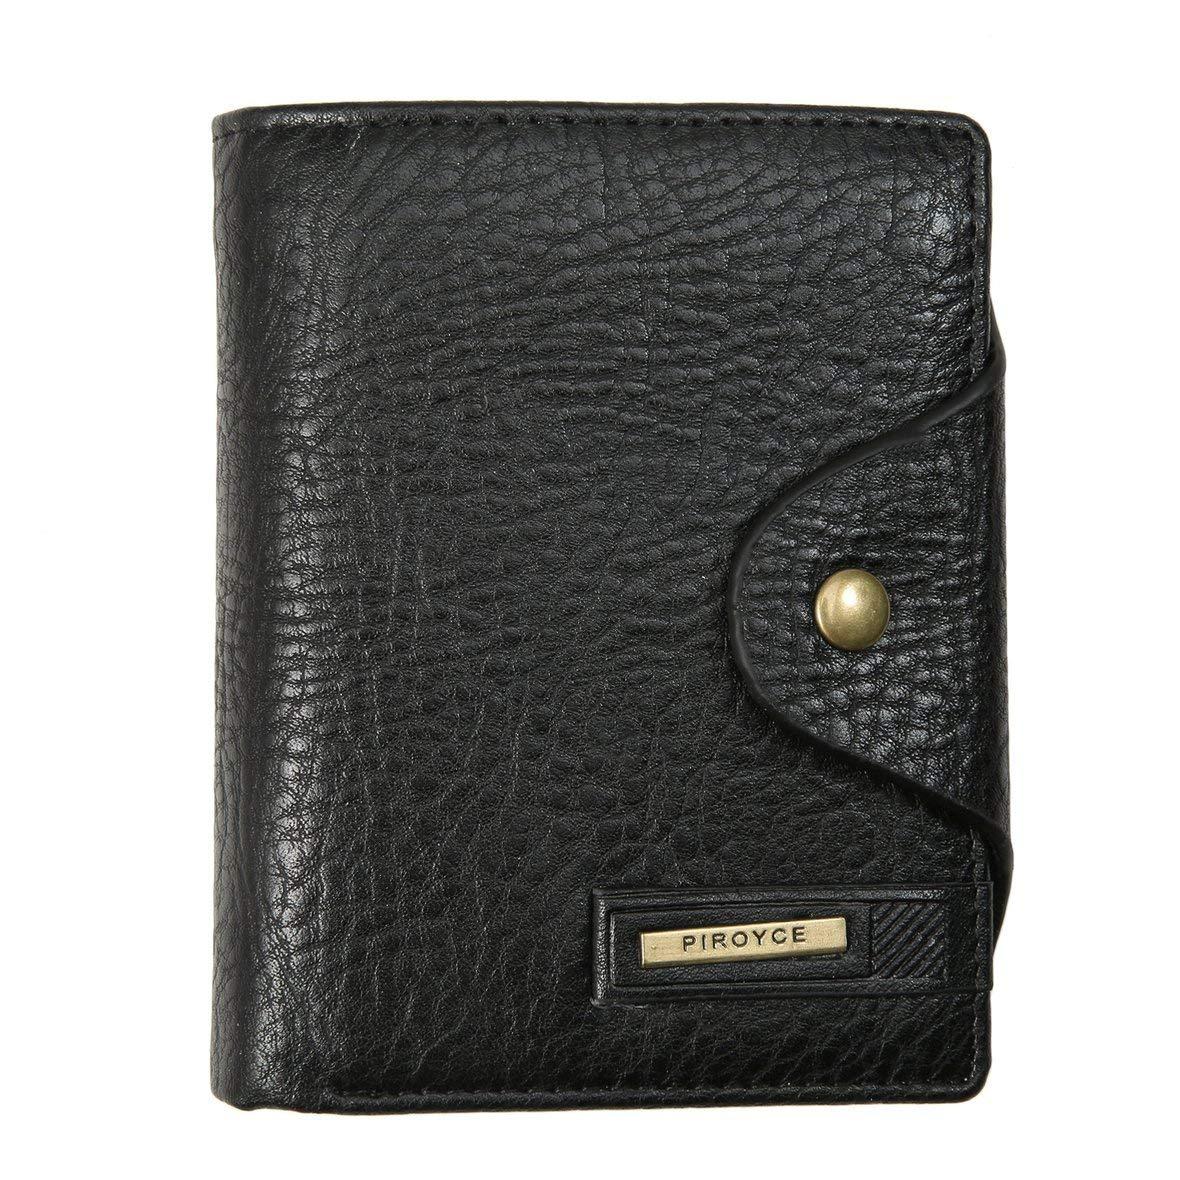 Heaviesk Portefeuille Vintage Hasp Open Wallet Short Men Wallet Sac à main en cuir PU pour homme avec portefeuille horizontal/vertical